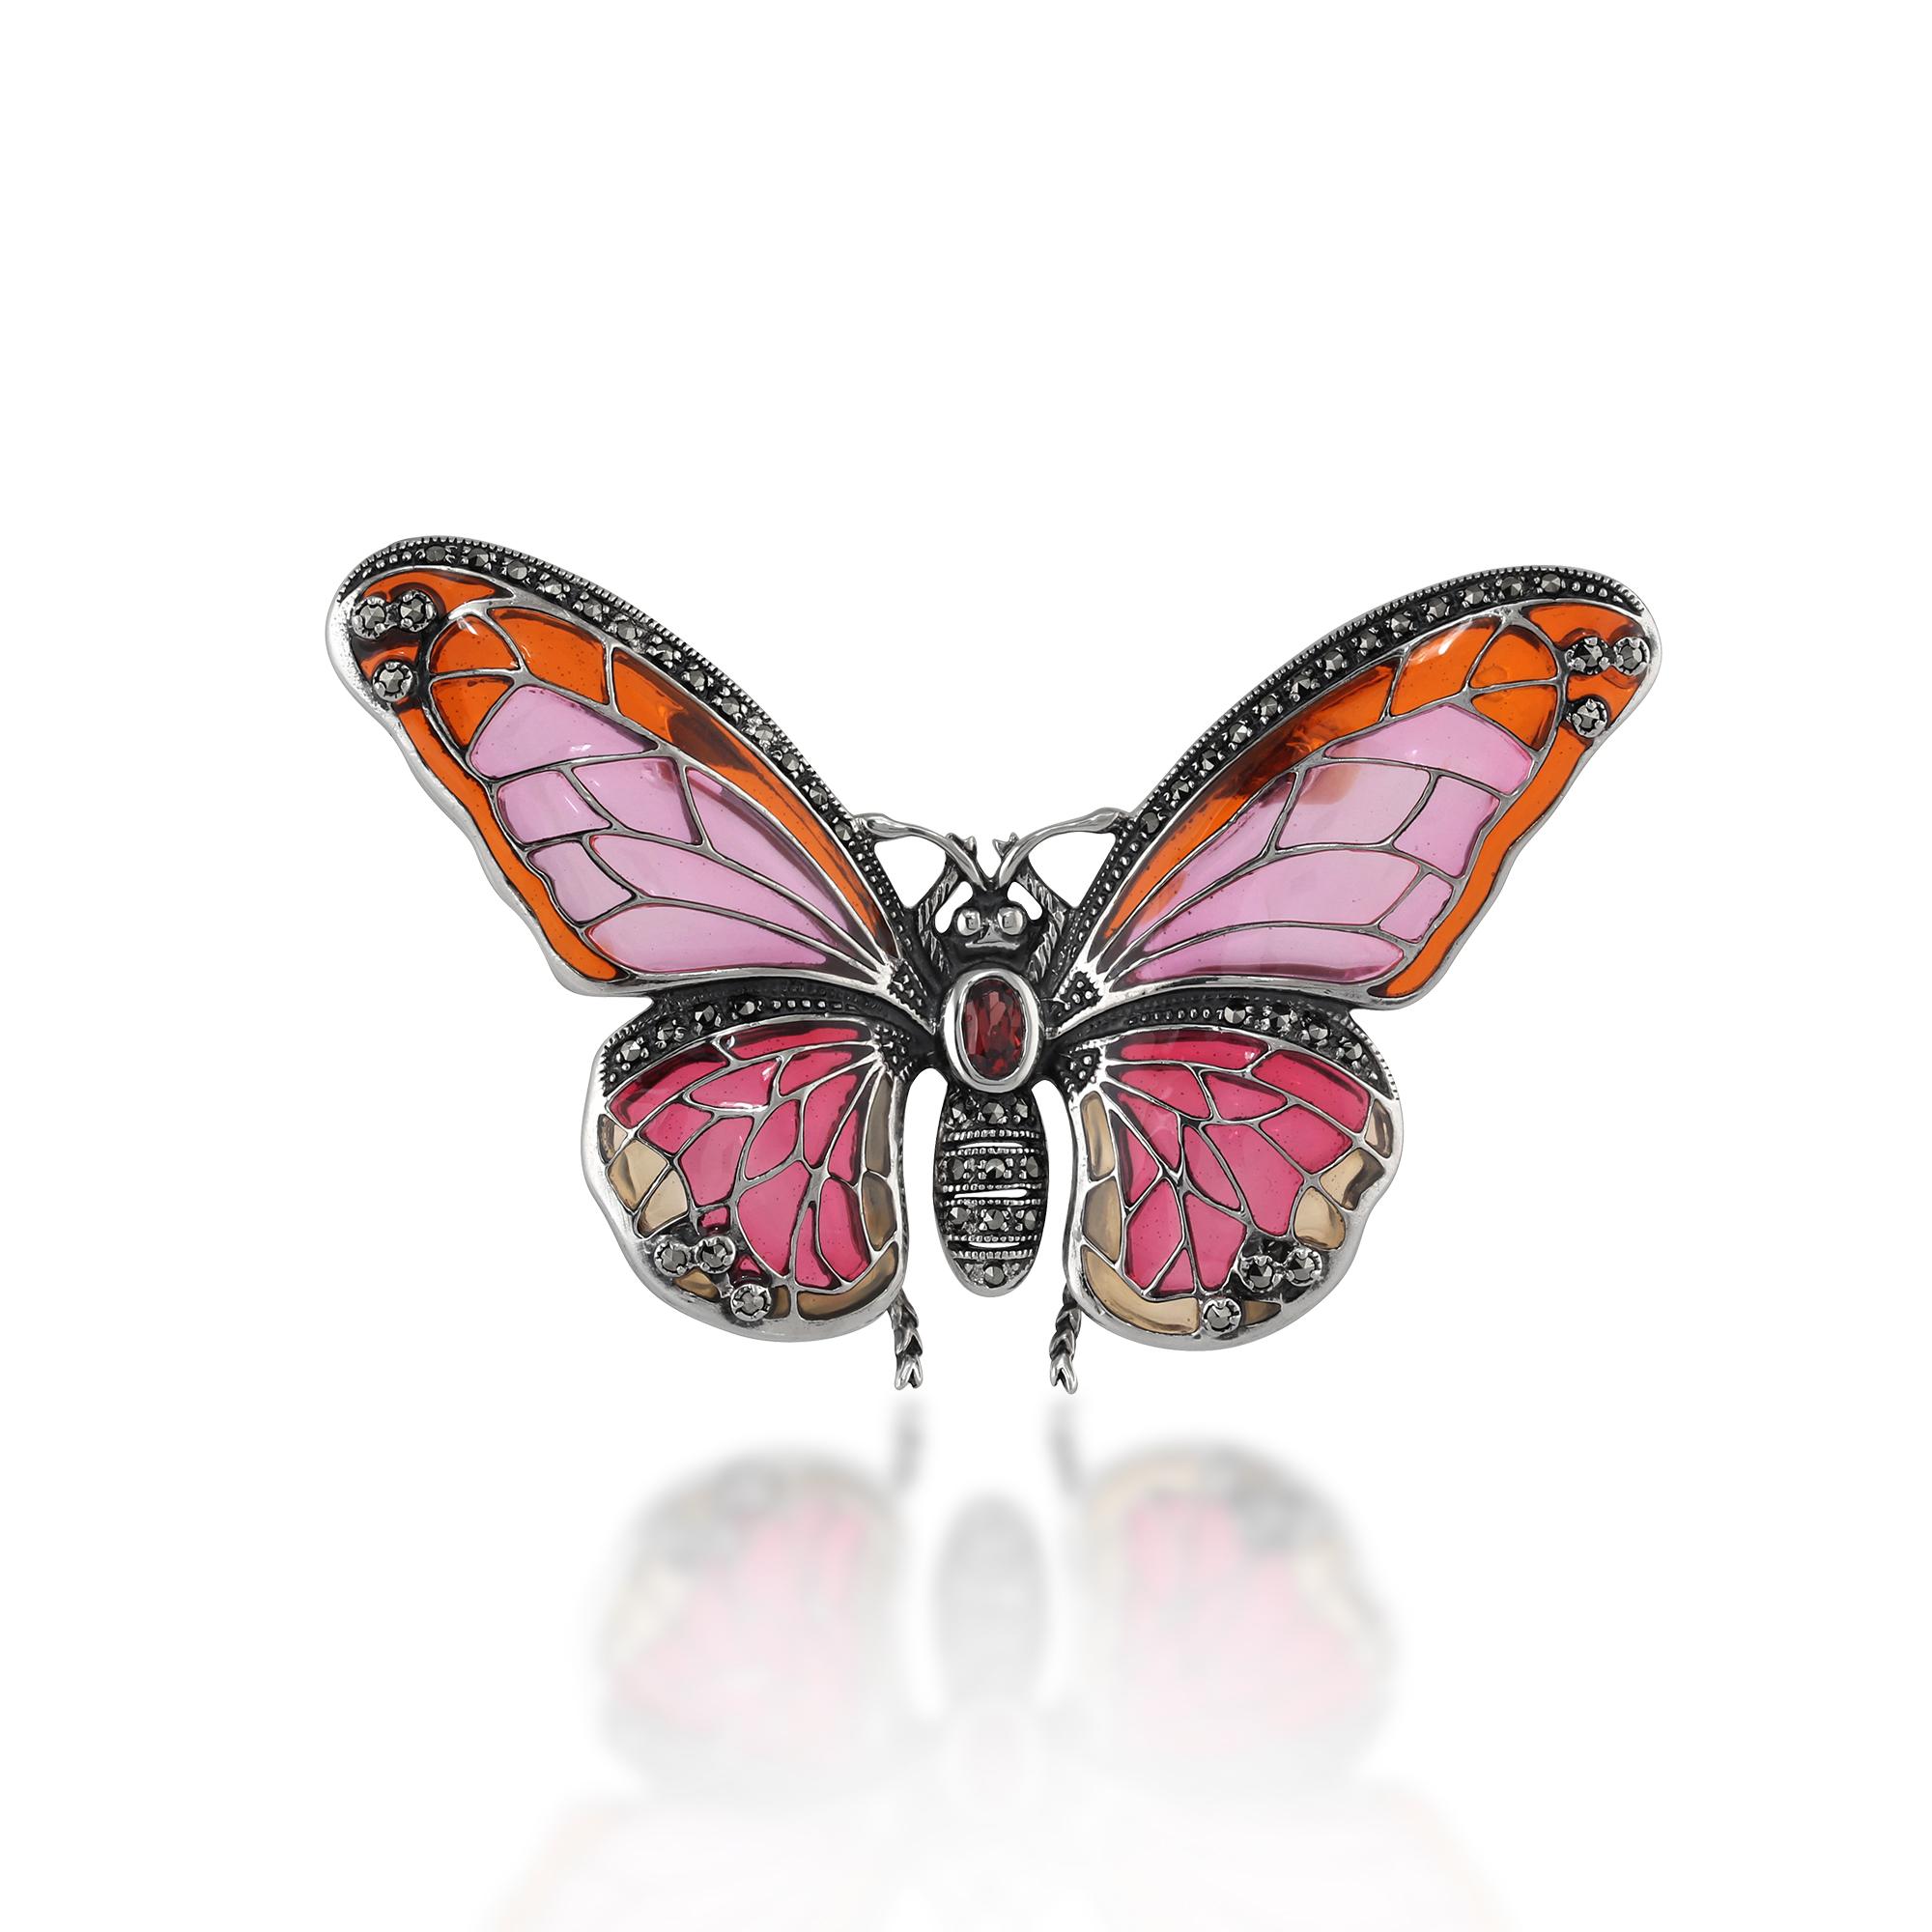 925 Sterling Silver Marcasite, Garnet & Enamel Butterfly Brooch